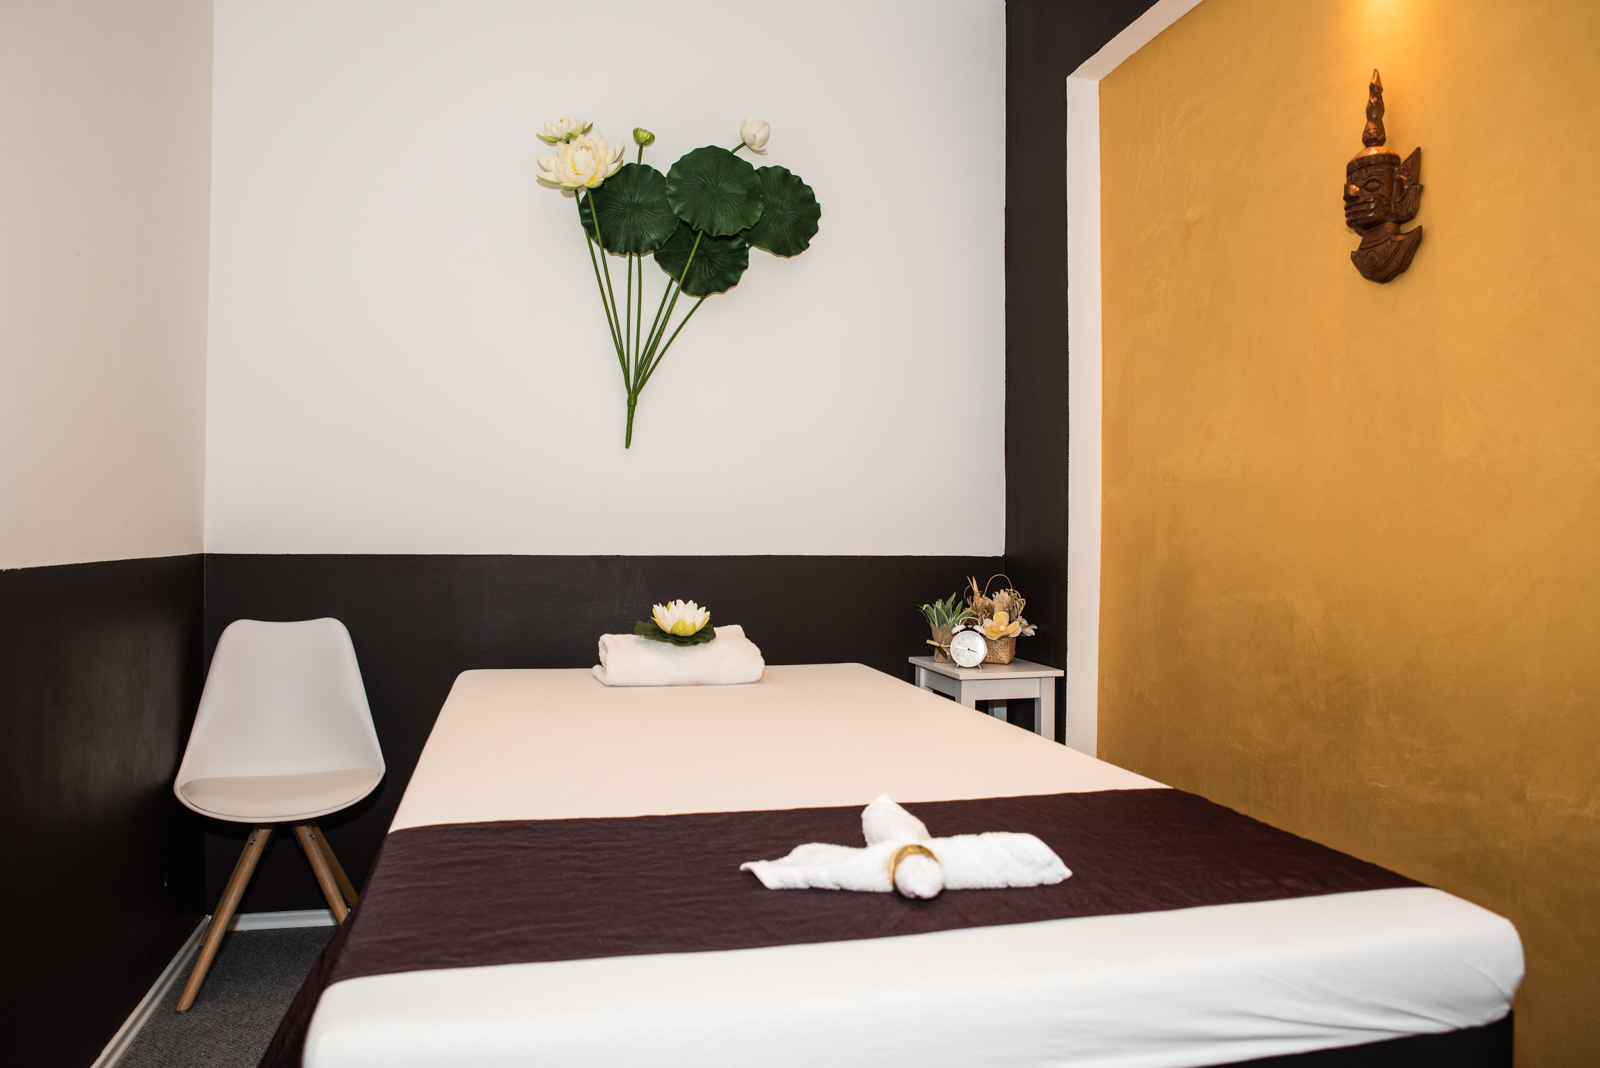 home bangkok massage. Black Bedroom Furniture Sets. Home Design Ideas